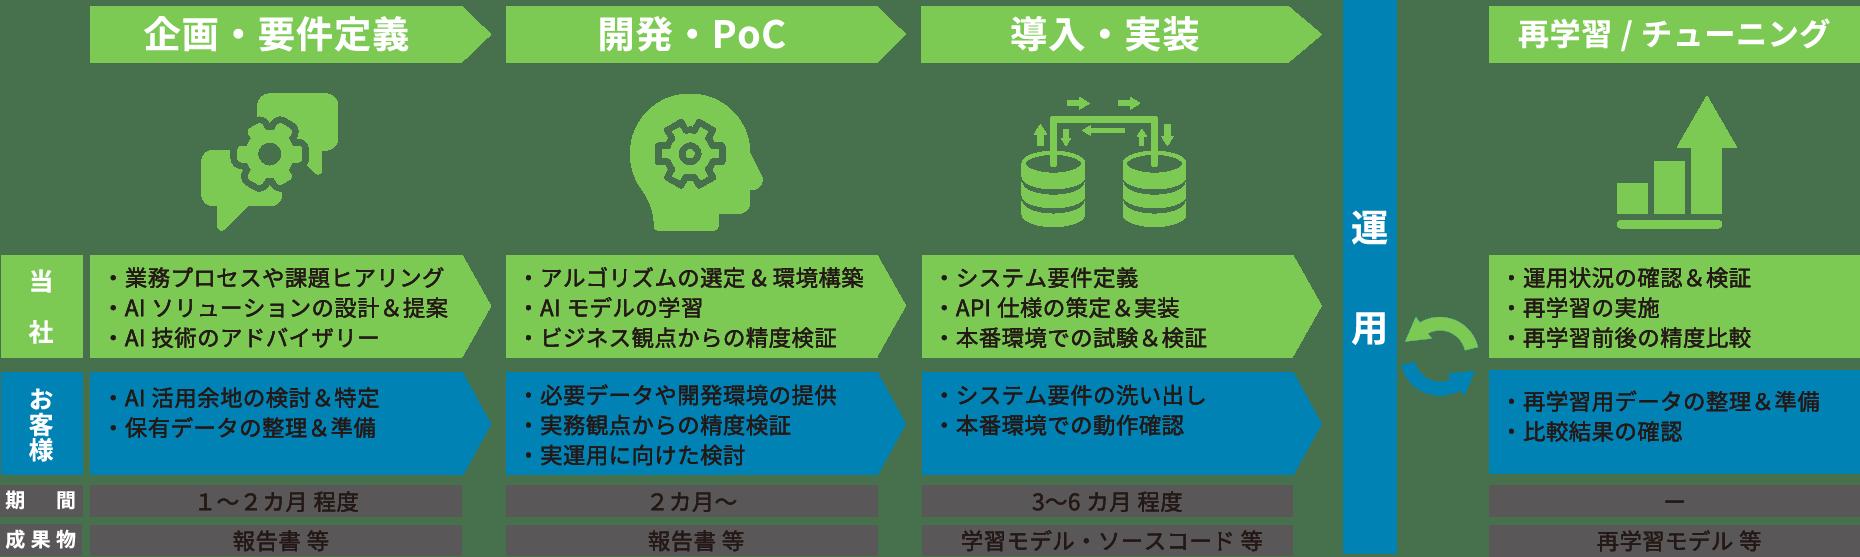 カスタムAI開発フローのイメージ